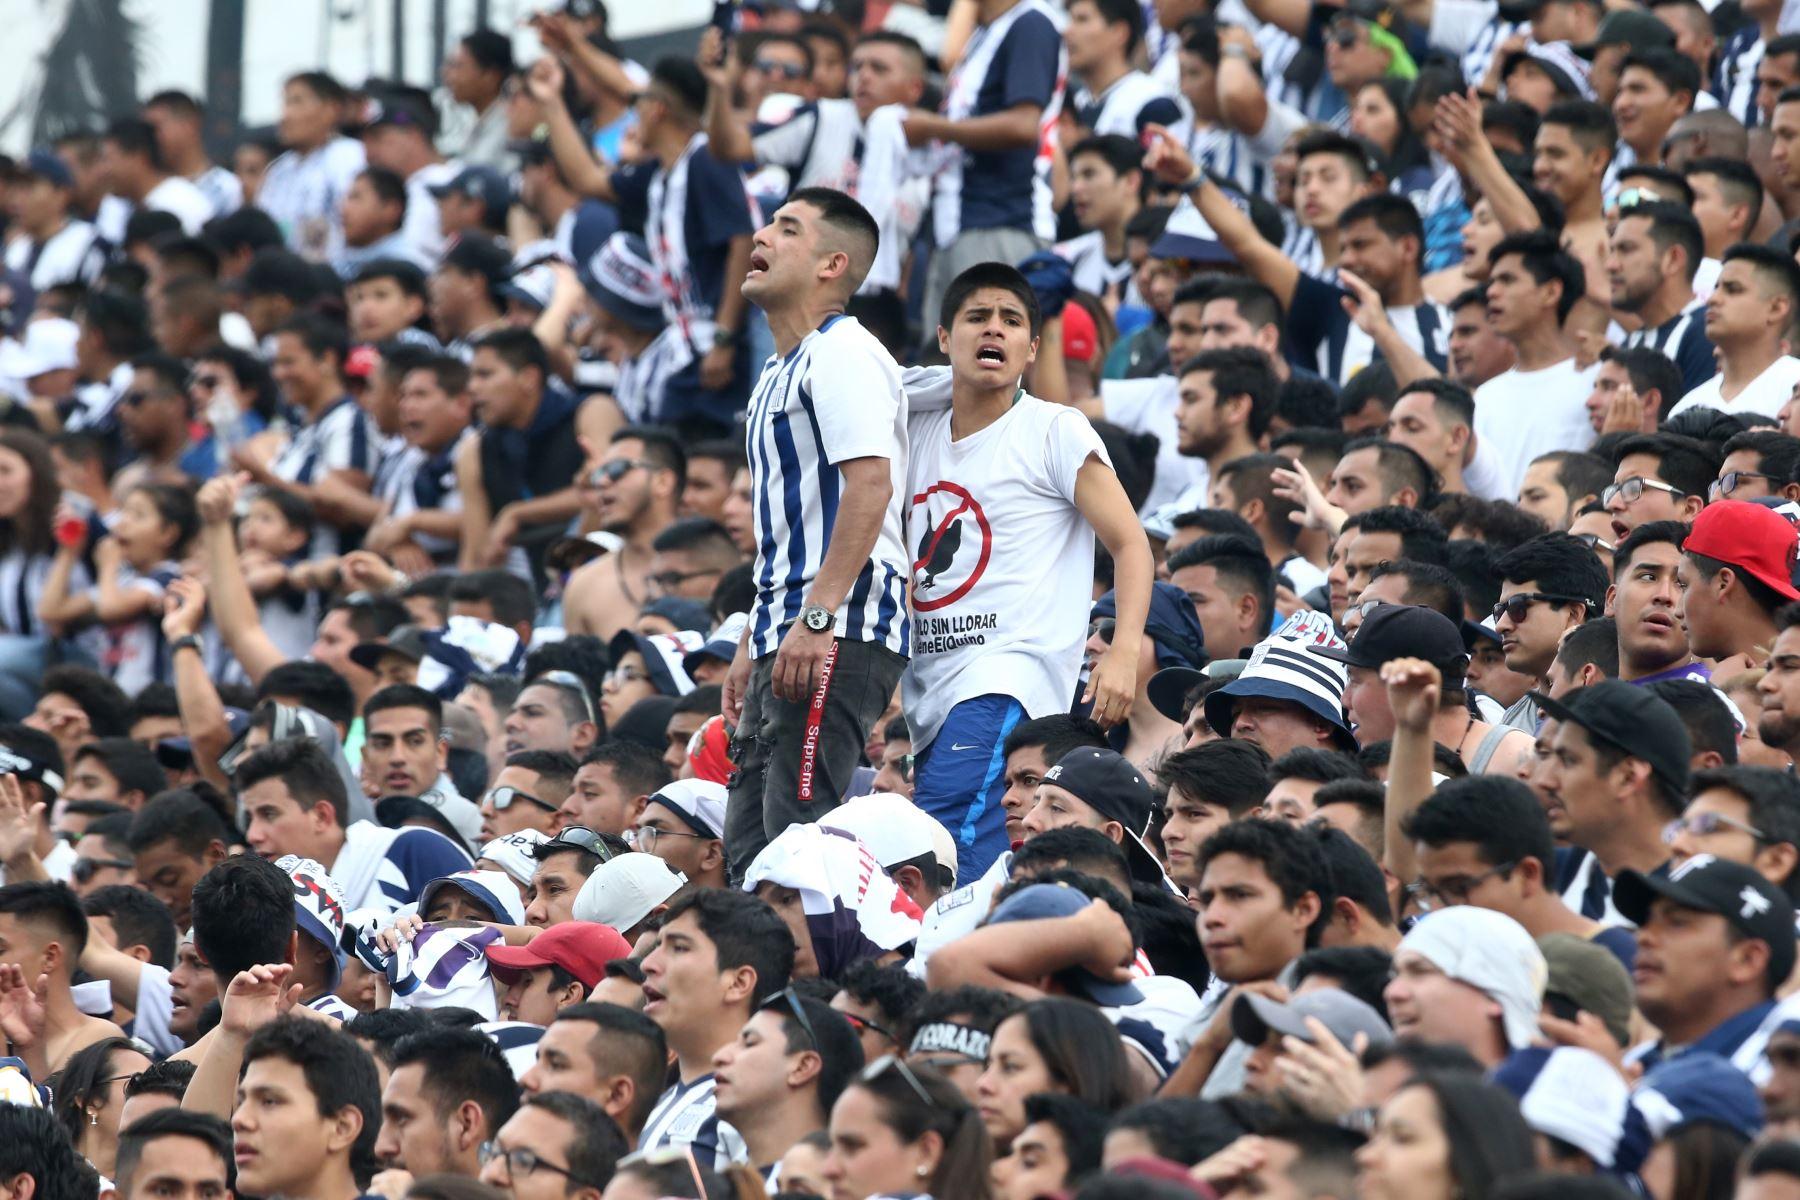 Hinchada de Alianza Lima alienta a su equipo en el estadio Alejandro Villanueva, en el partido de ida por la semifinal del play off de la Liga 1. Foto: ANDINA/Vidal Tarqui